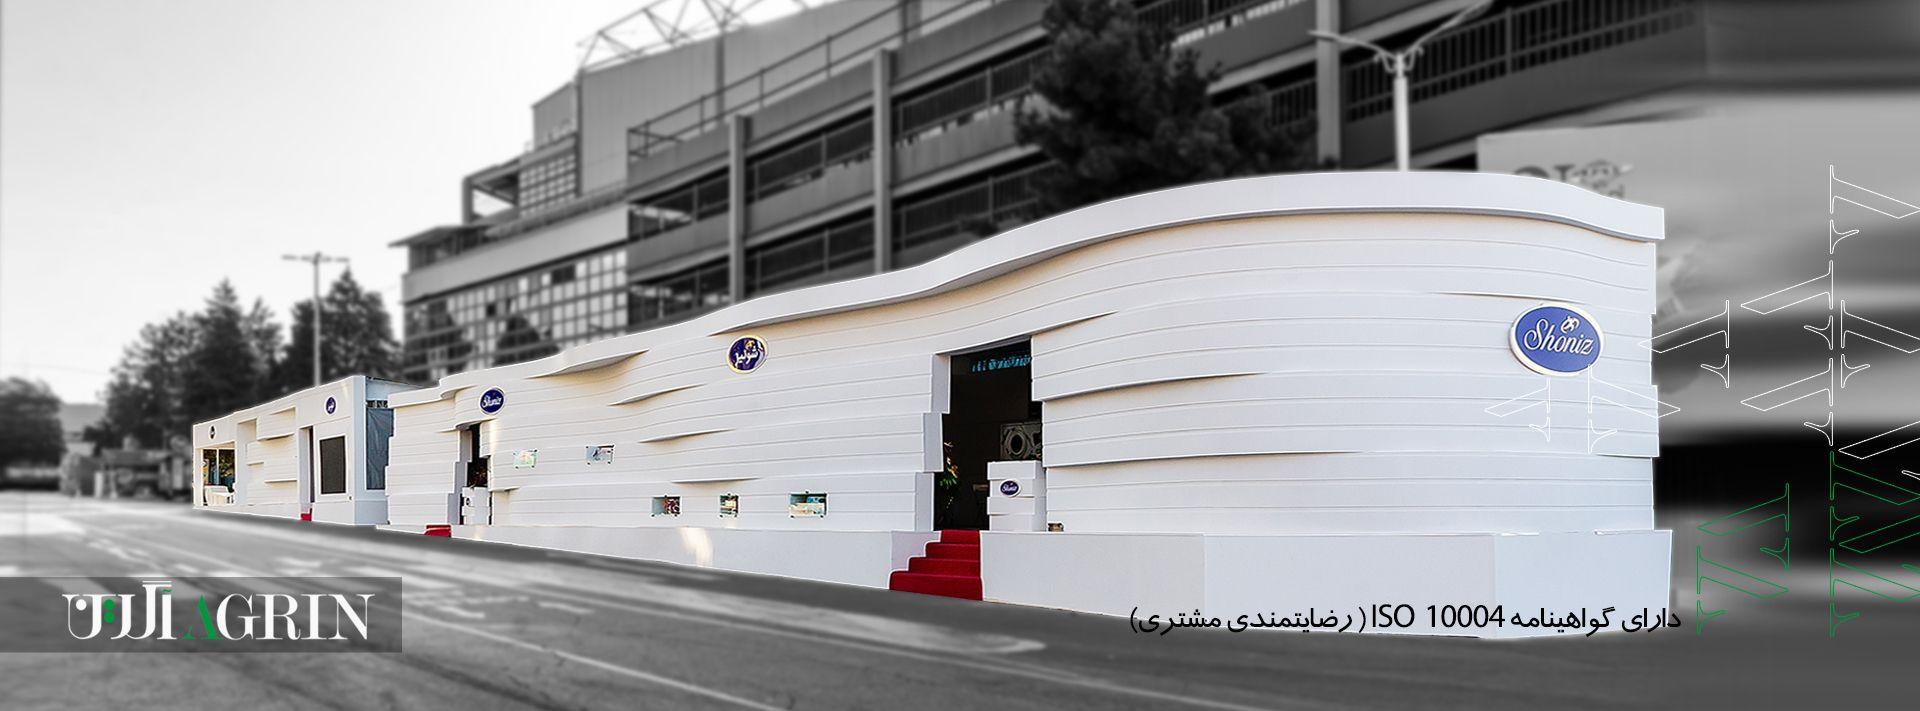 غرفه خودساز شونیز اسلاید